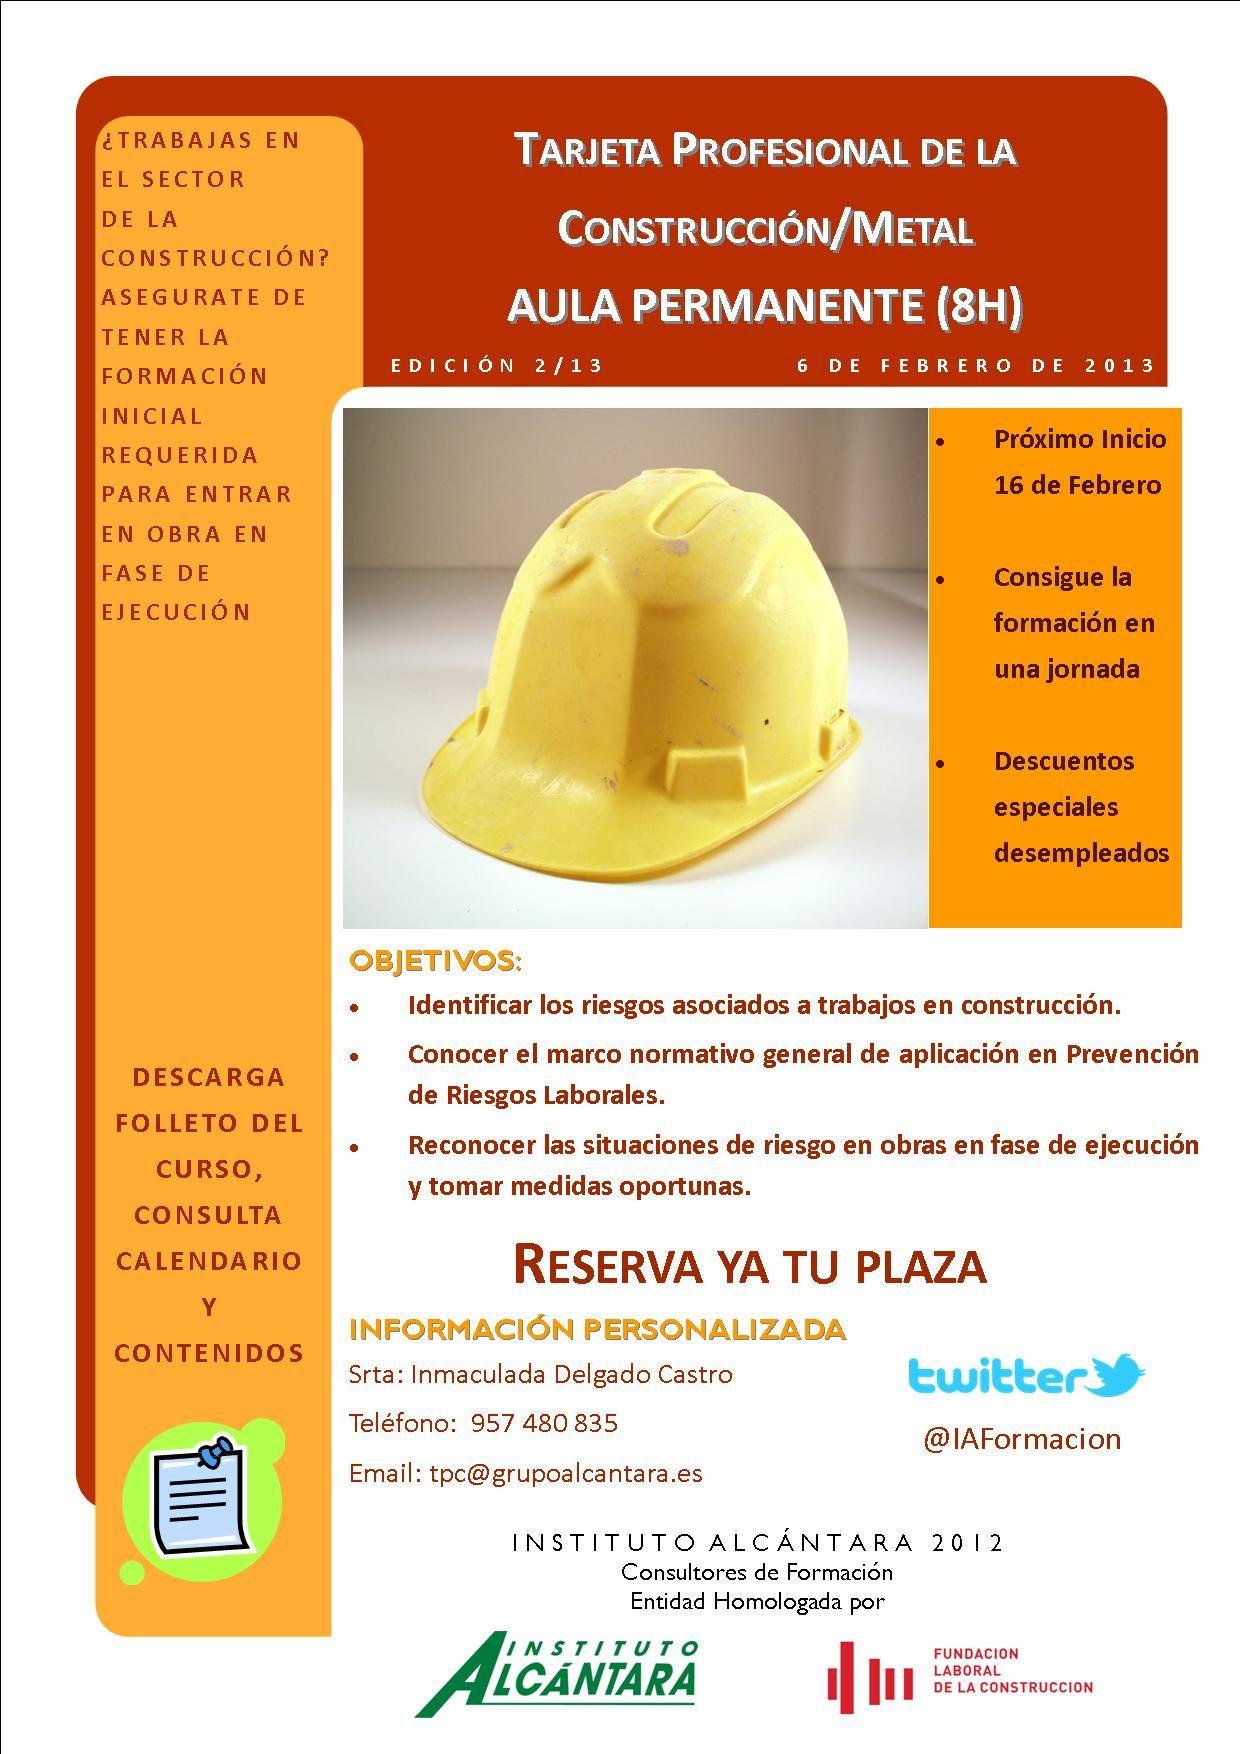 TPC - Nivel Inicial - Aula Permanente (8h) Consigue la formación exigida para trabajar en el sector de la construcción